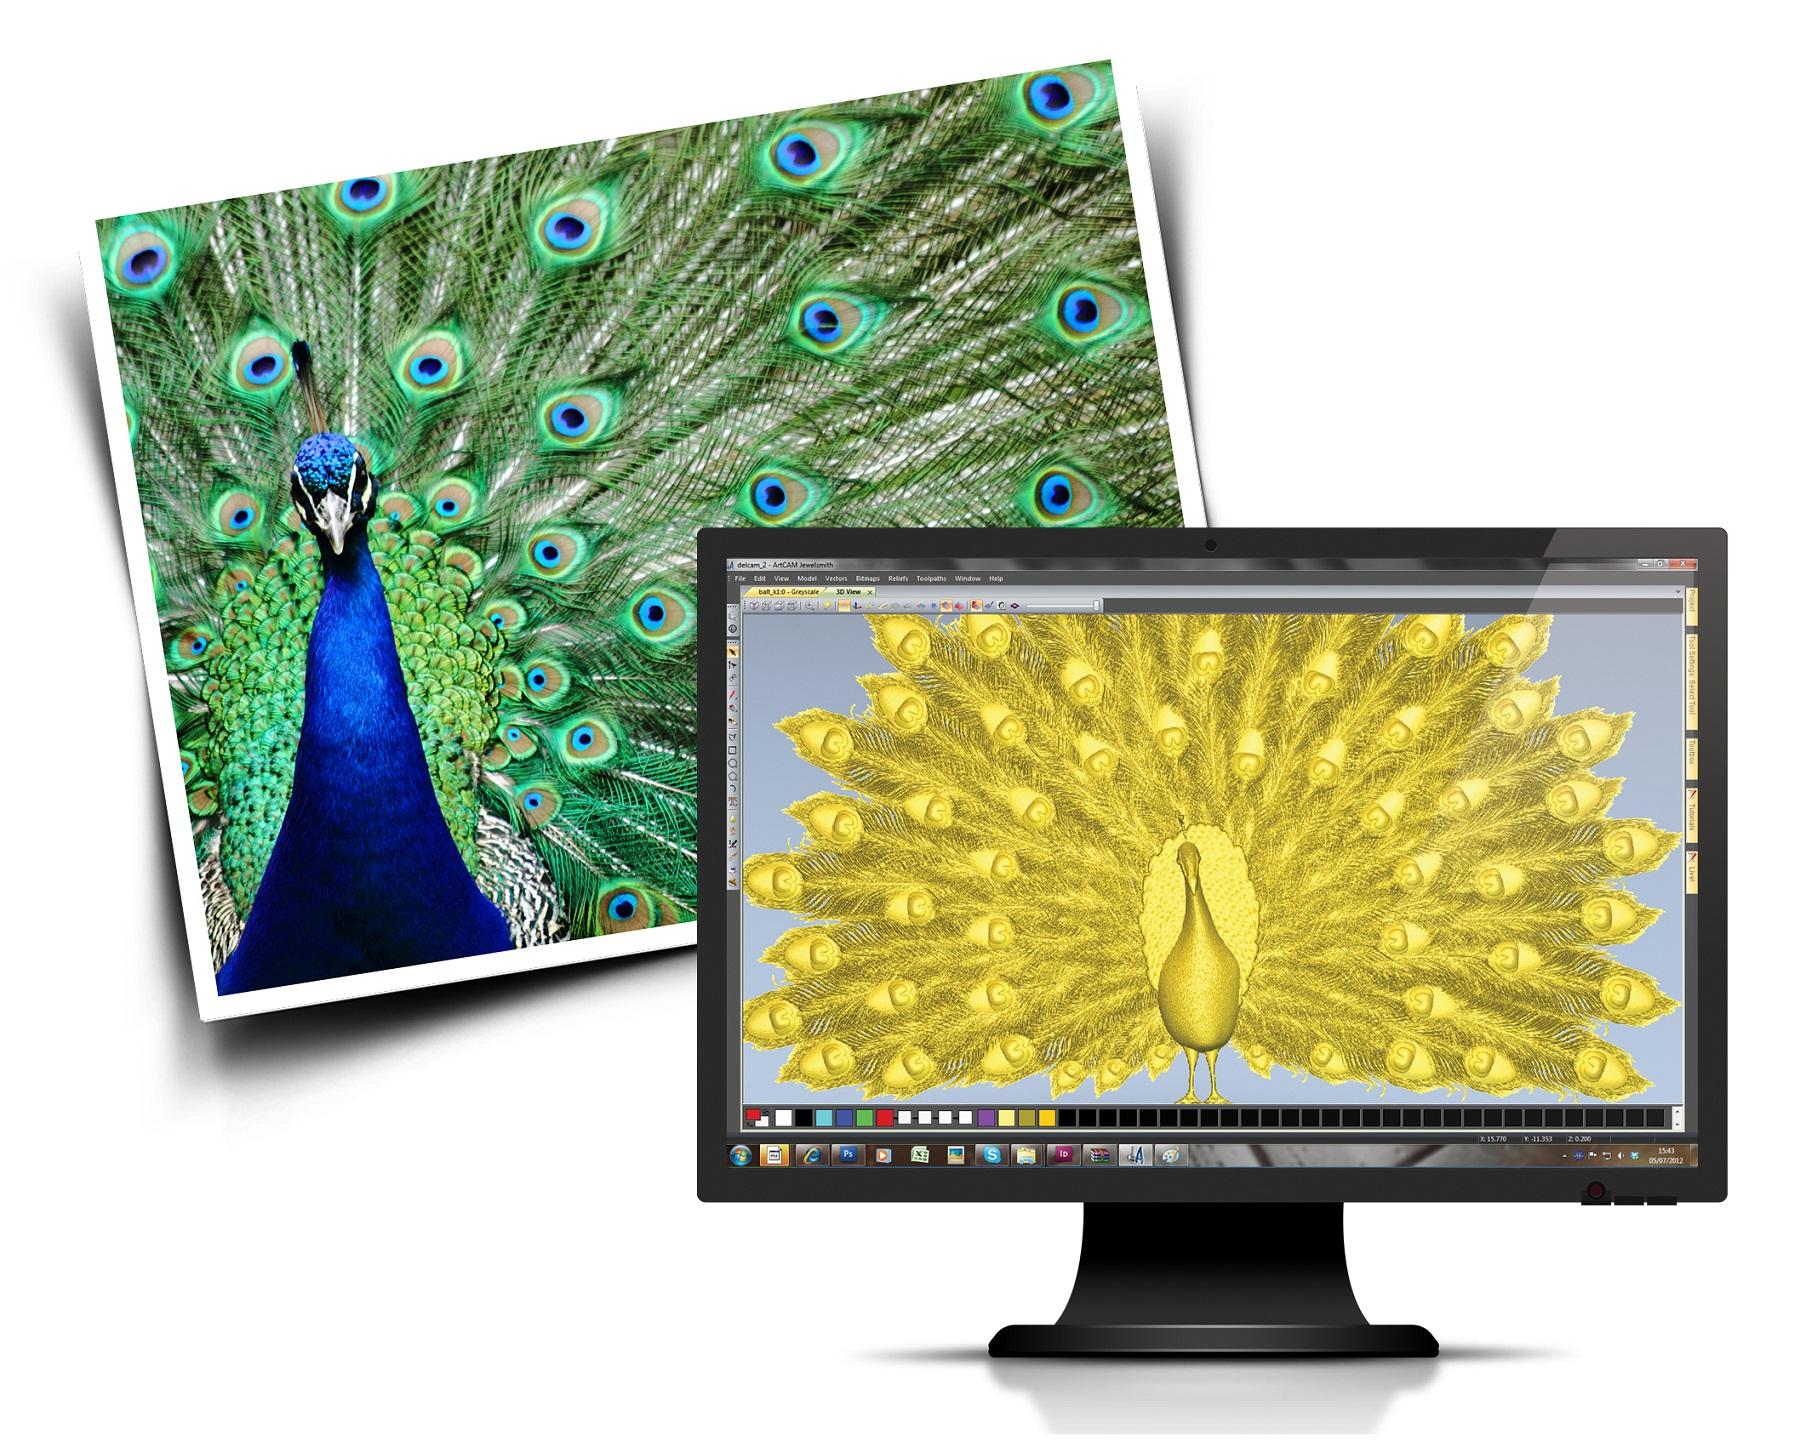 Delcam's new ArtCAM Pro makes complex artistic designs easy